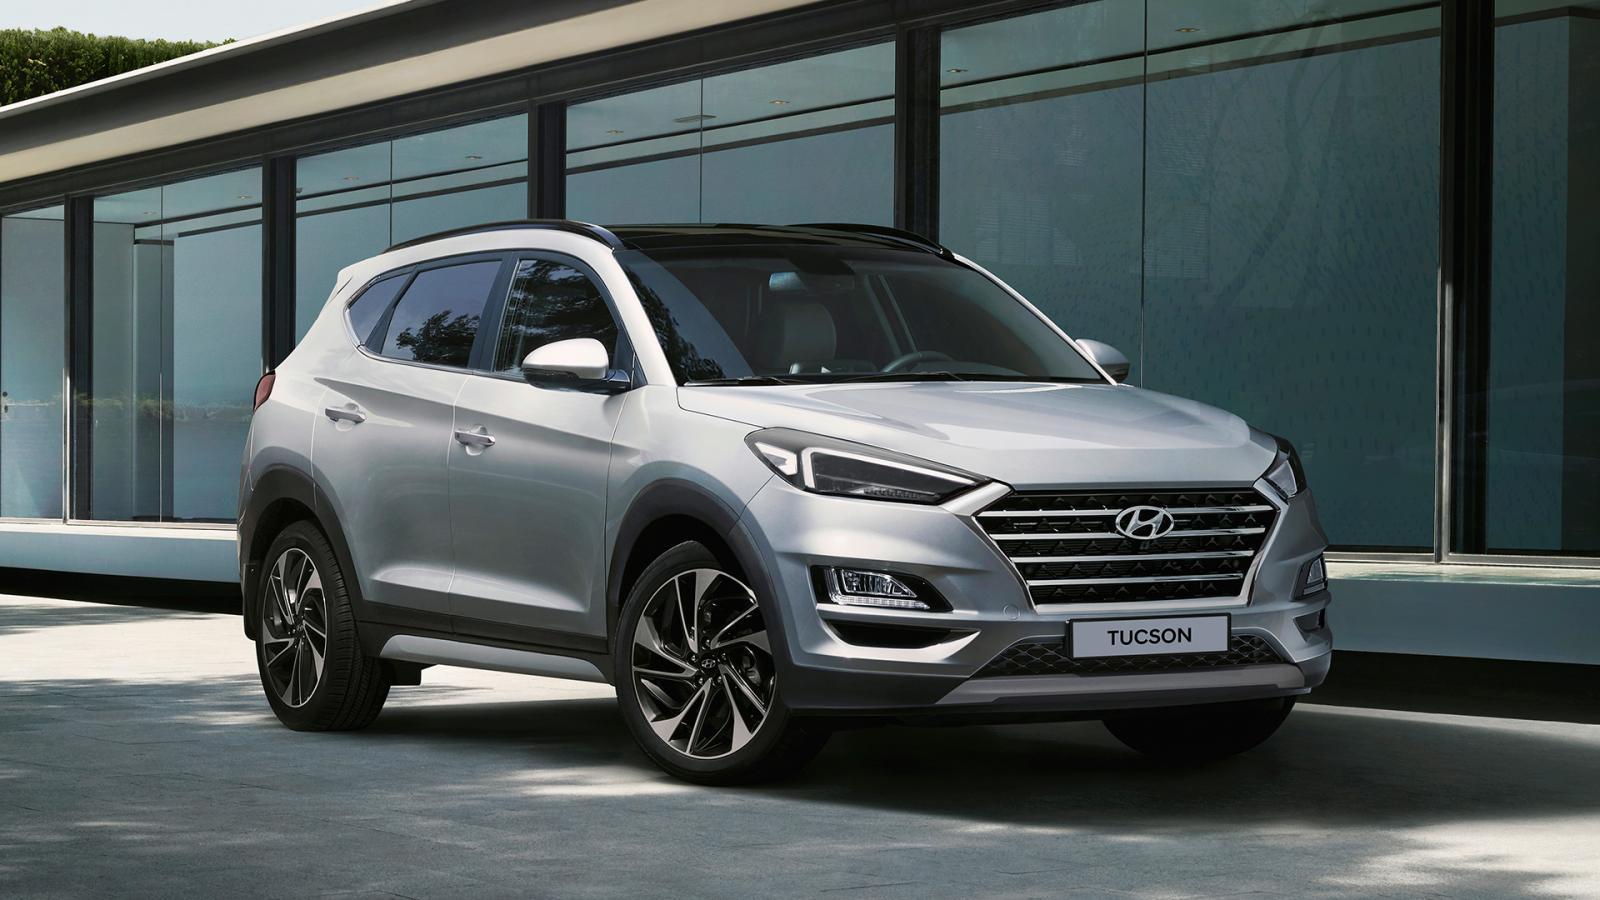 El diseño de la Hyundai Tucson 2020 precio en México no cae en ninguna extravagancia estética